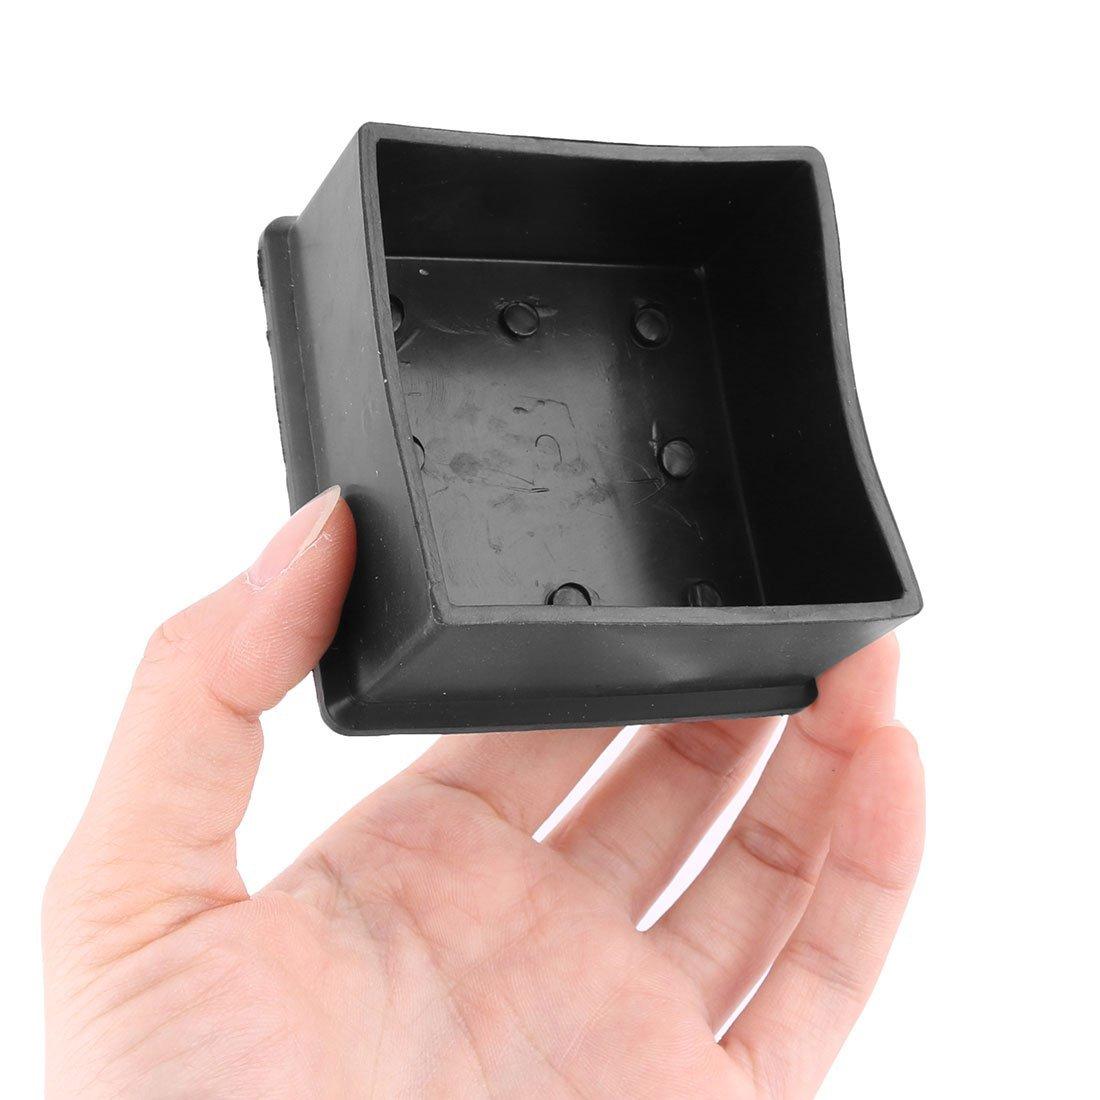 eDealMax Caoutchouc Mobilier Domestique Chaise Table Pied Housse de Protection Pad Caps 60mm x 60mm 8 pièces Noir